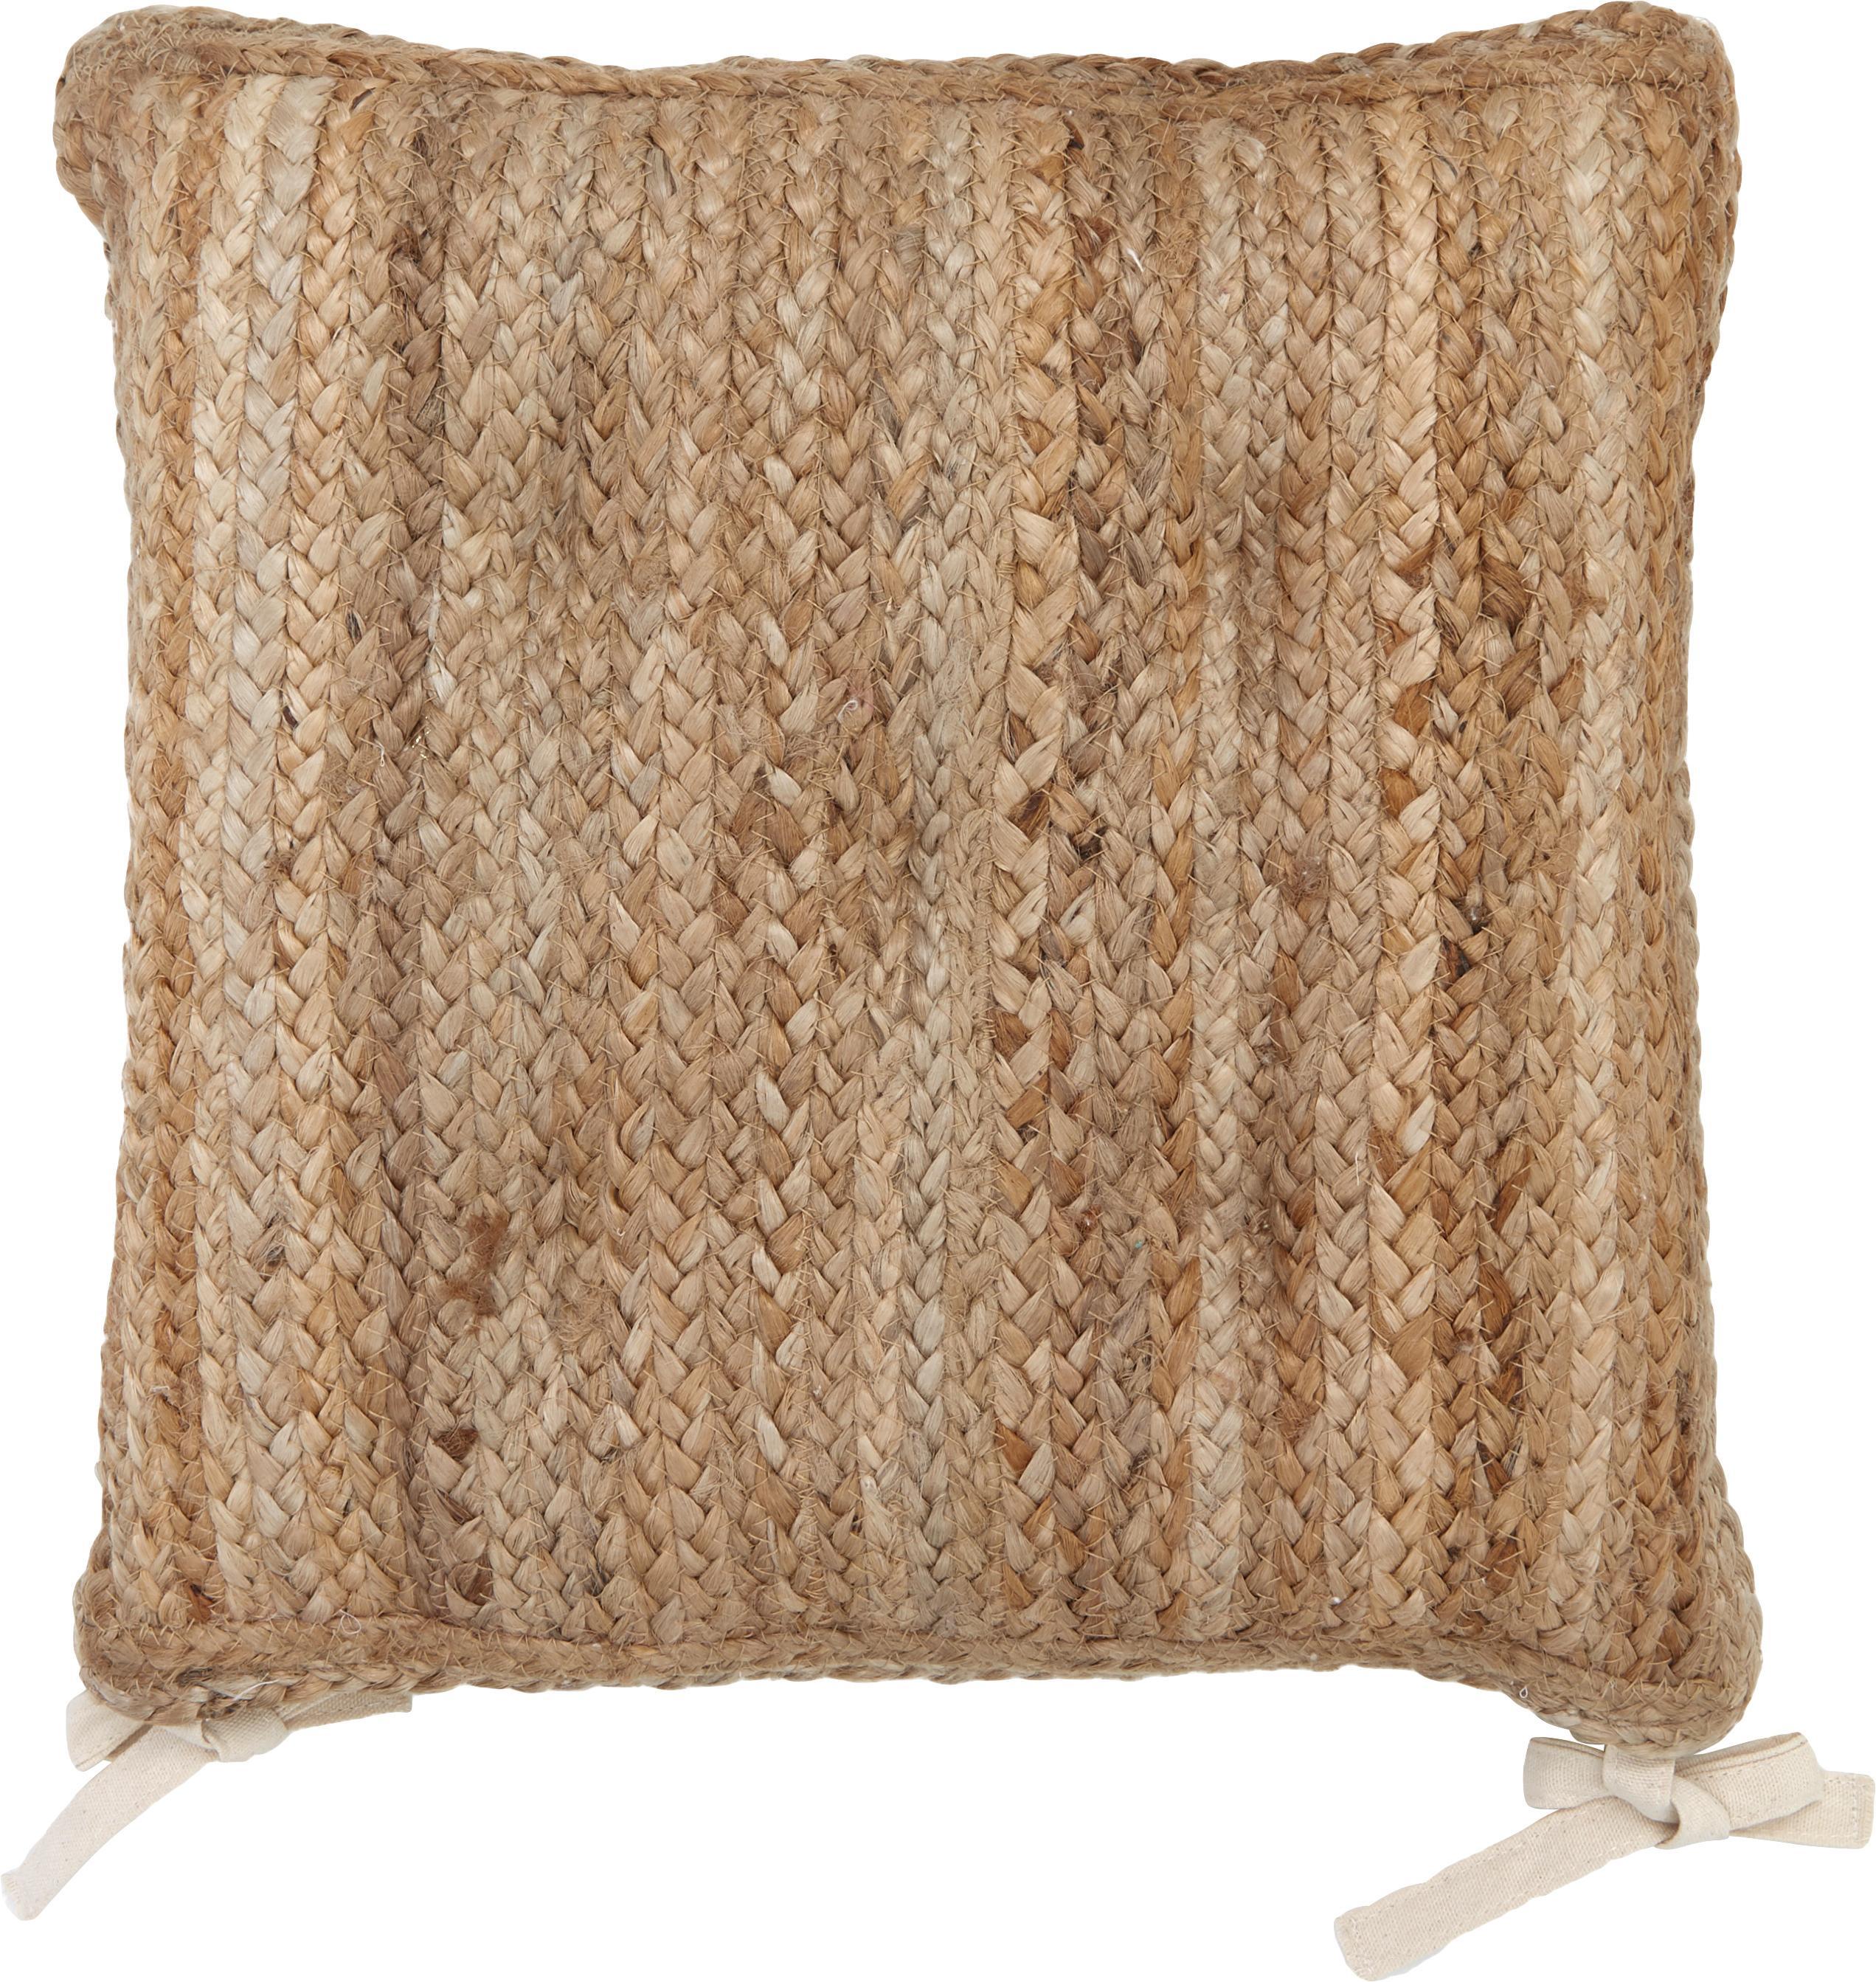 Cuscino sedia Ural, 2 pz., Retro: cotone, Iuta, P 40 x L 40 cm